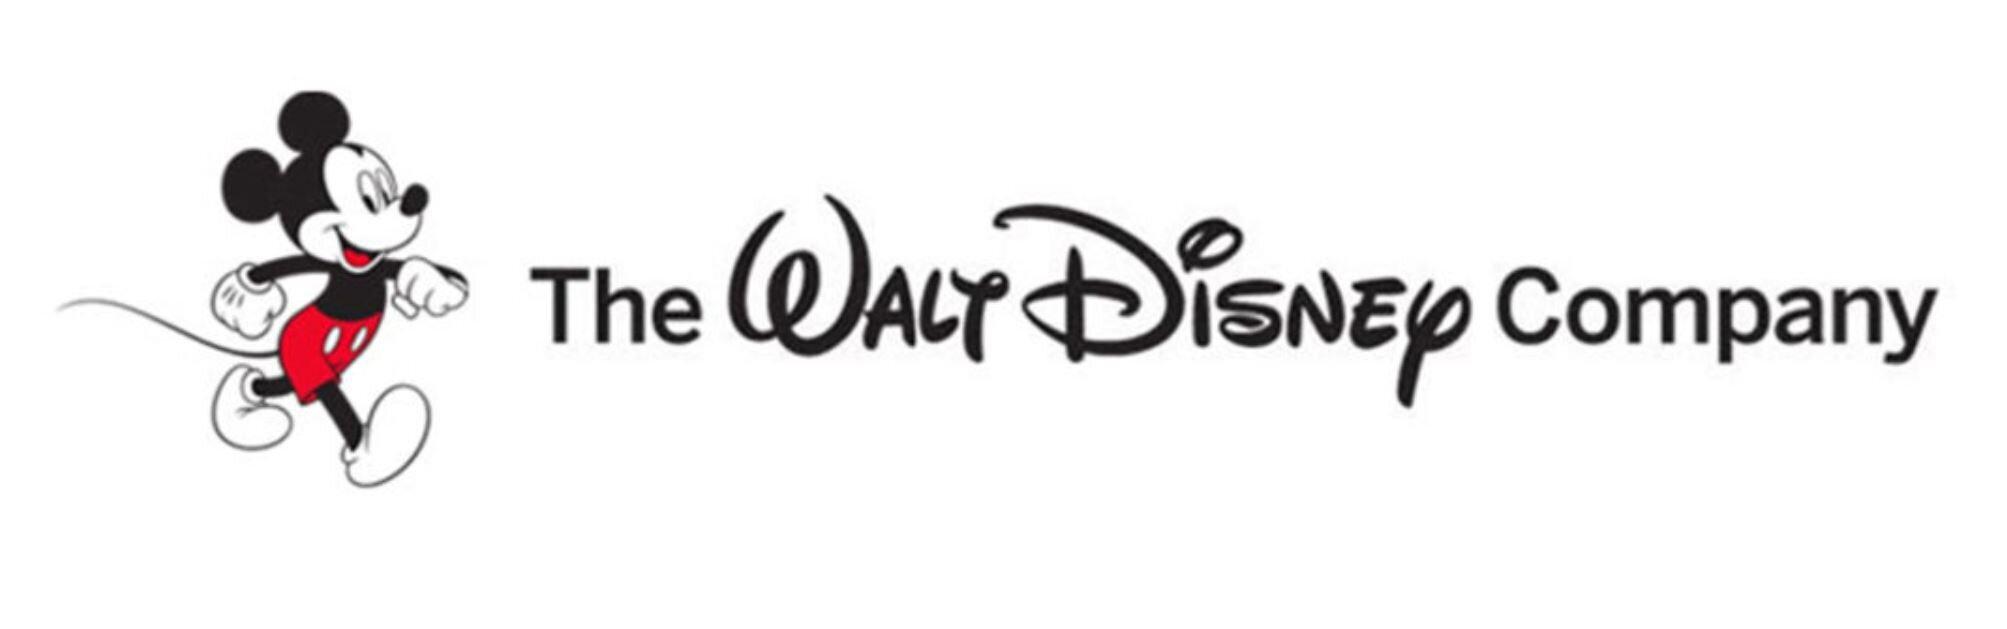 ディズニーがHuluの経営権を取得。動画配信サービスに本格参入